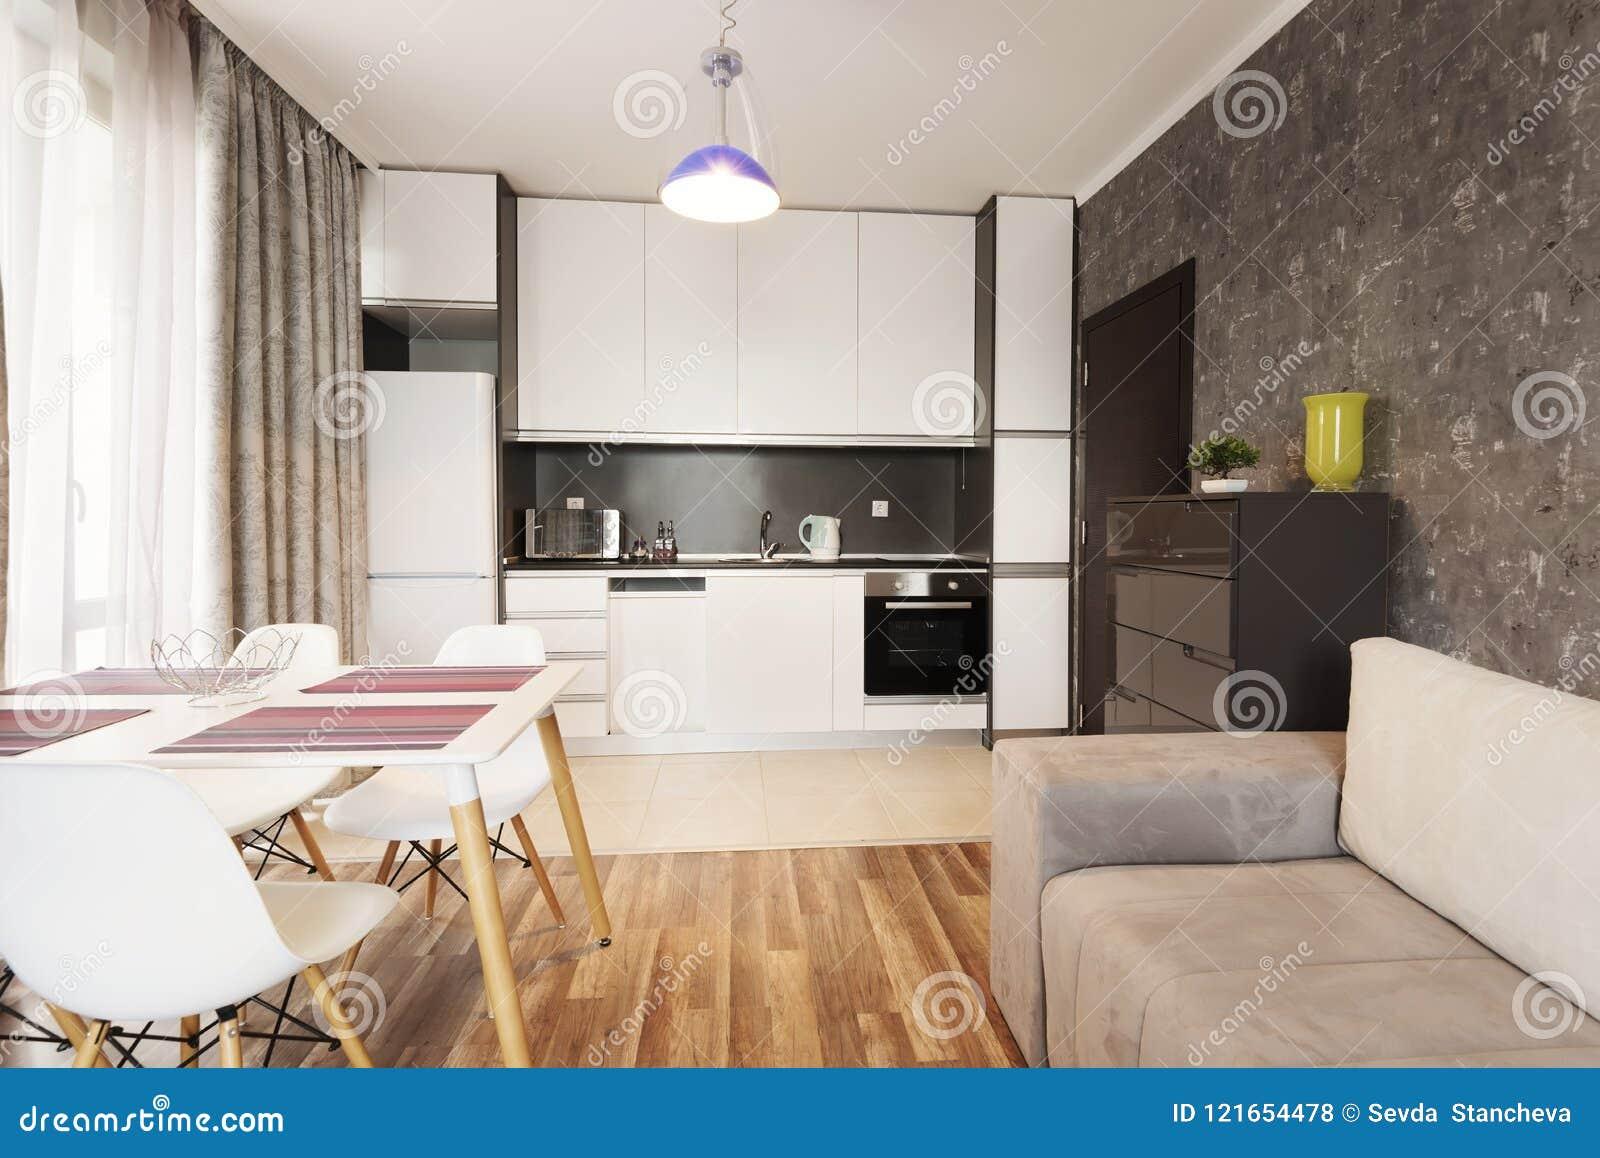 Download Moderne Innenarchitektur Des Hellen Und Gemütlichen Wohnzimmers  Mit Sofa, Speisetische Und Küche Graue Und